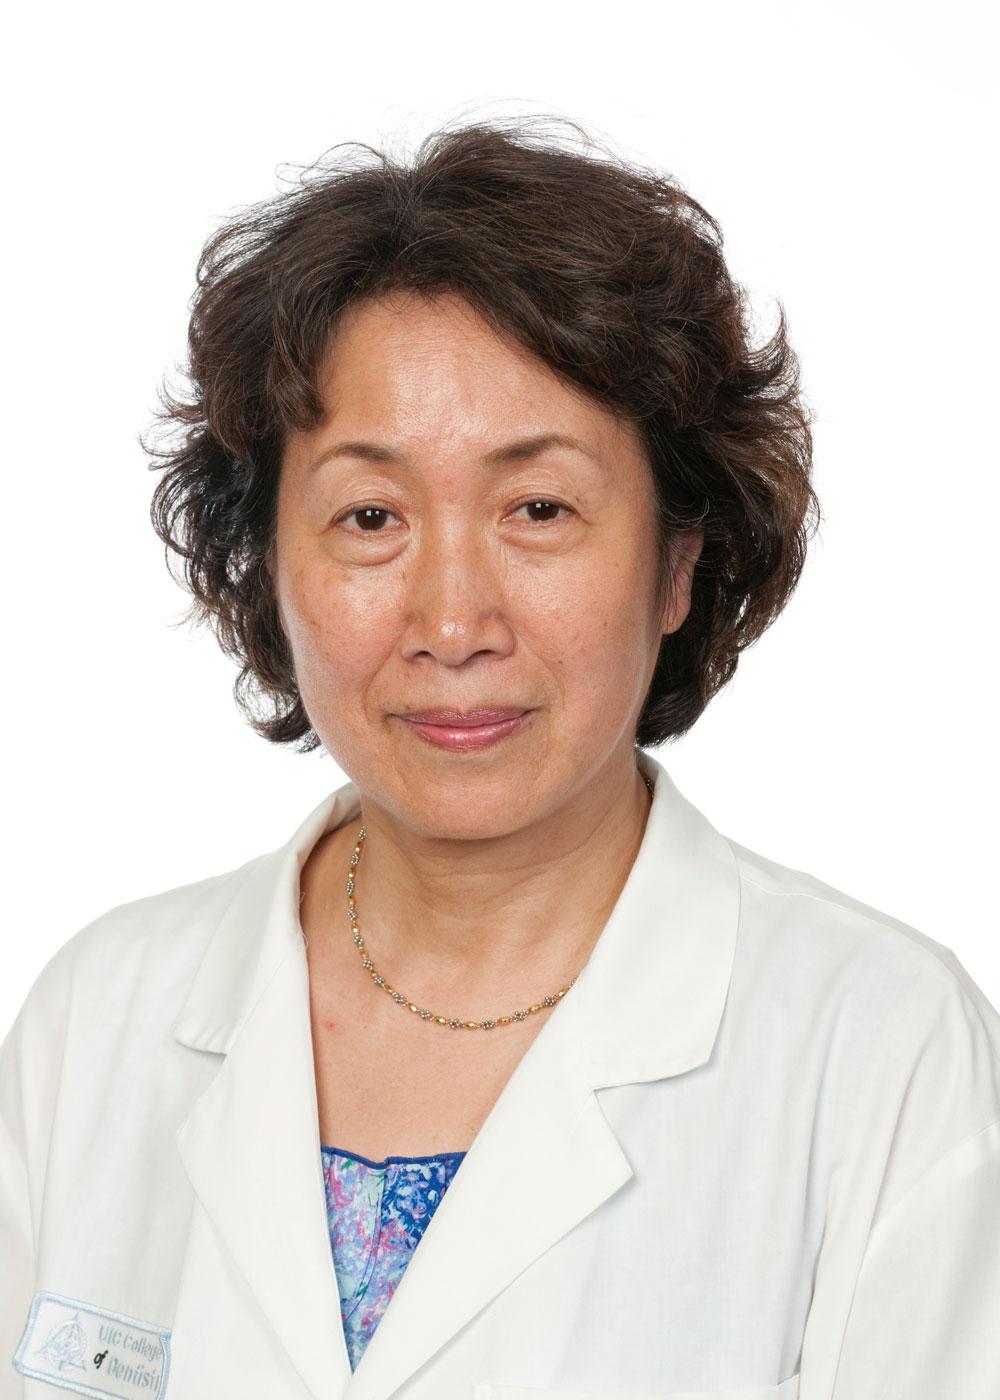 Keiko Watanabe smiling at camera